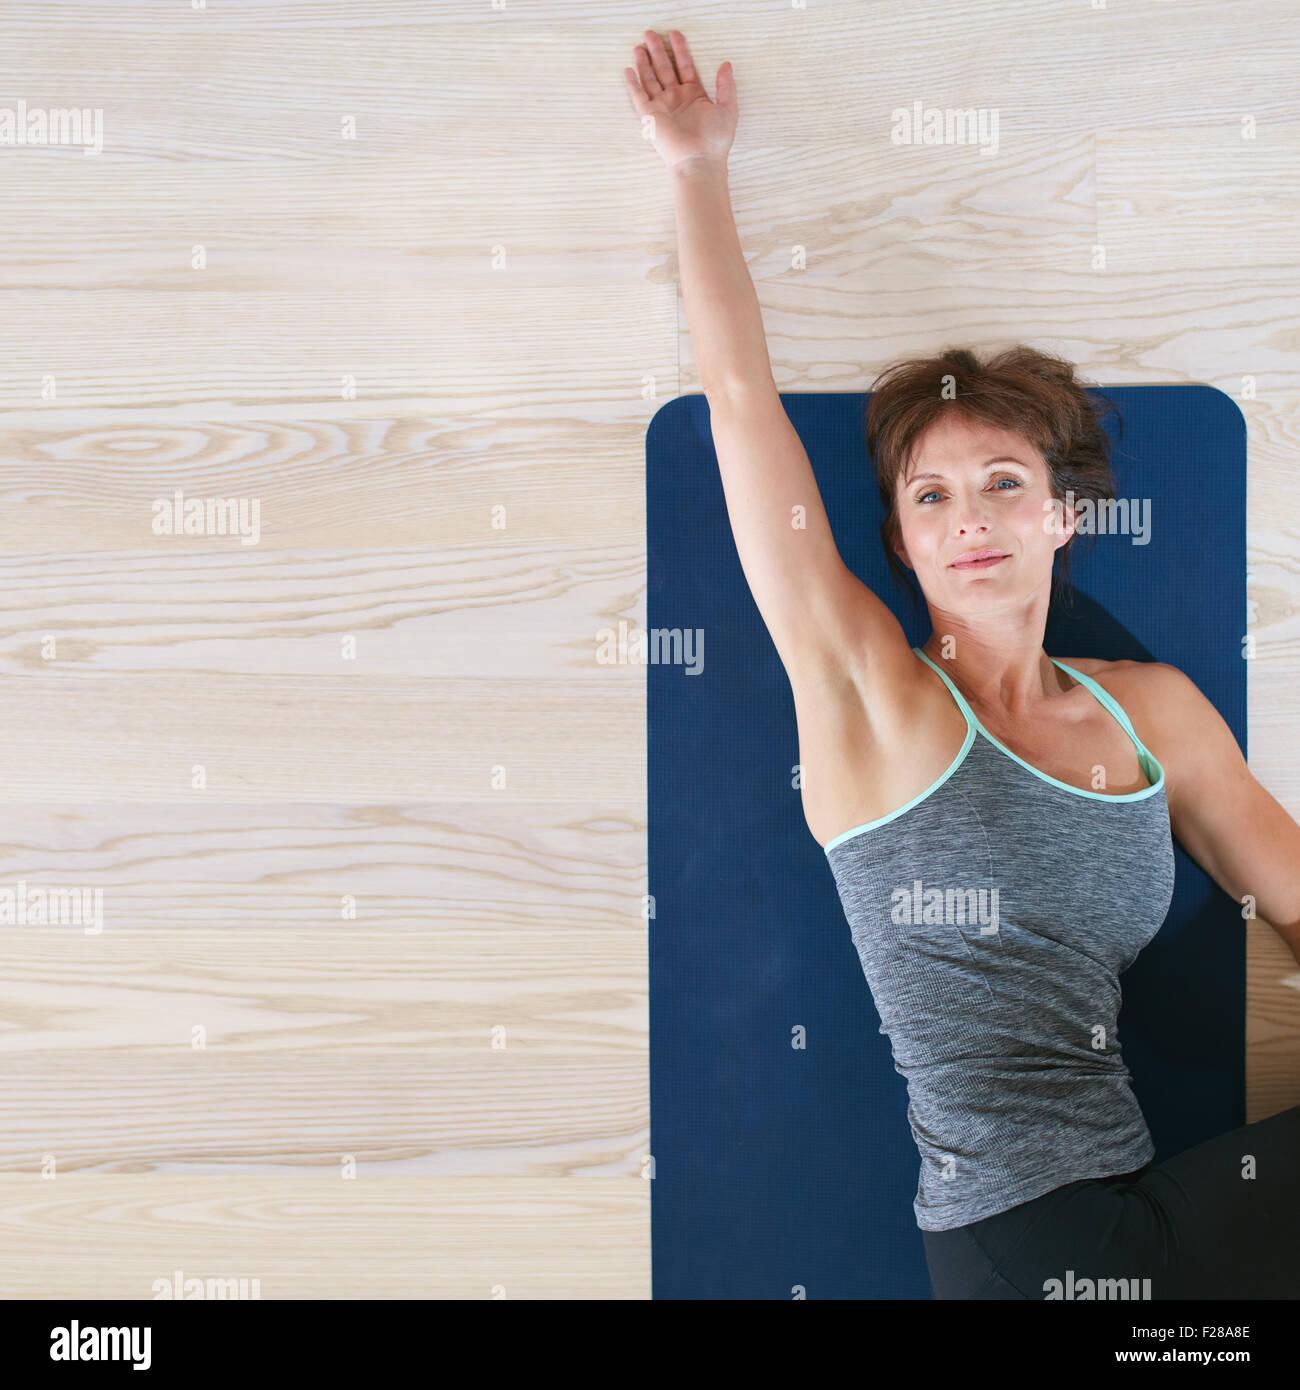 Vue de dessus de femme couchée et s'étendant sur des tapis d'exercice. Femelle sur marbre de tordre Photo Stock